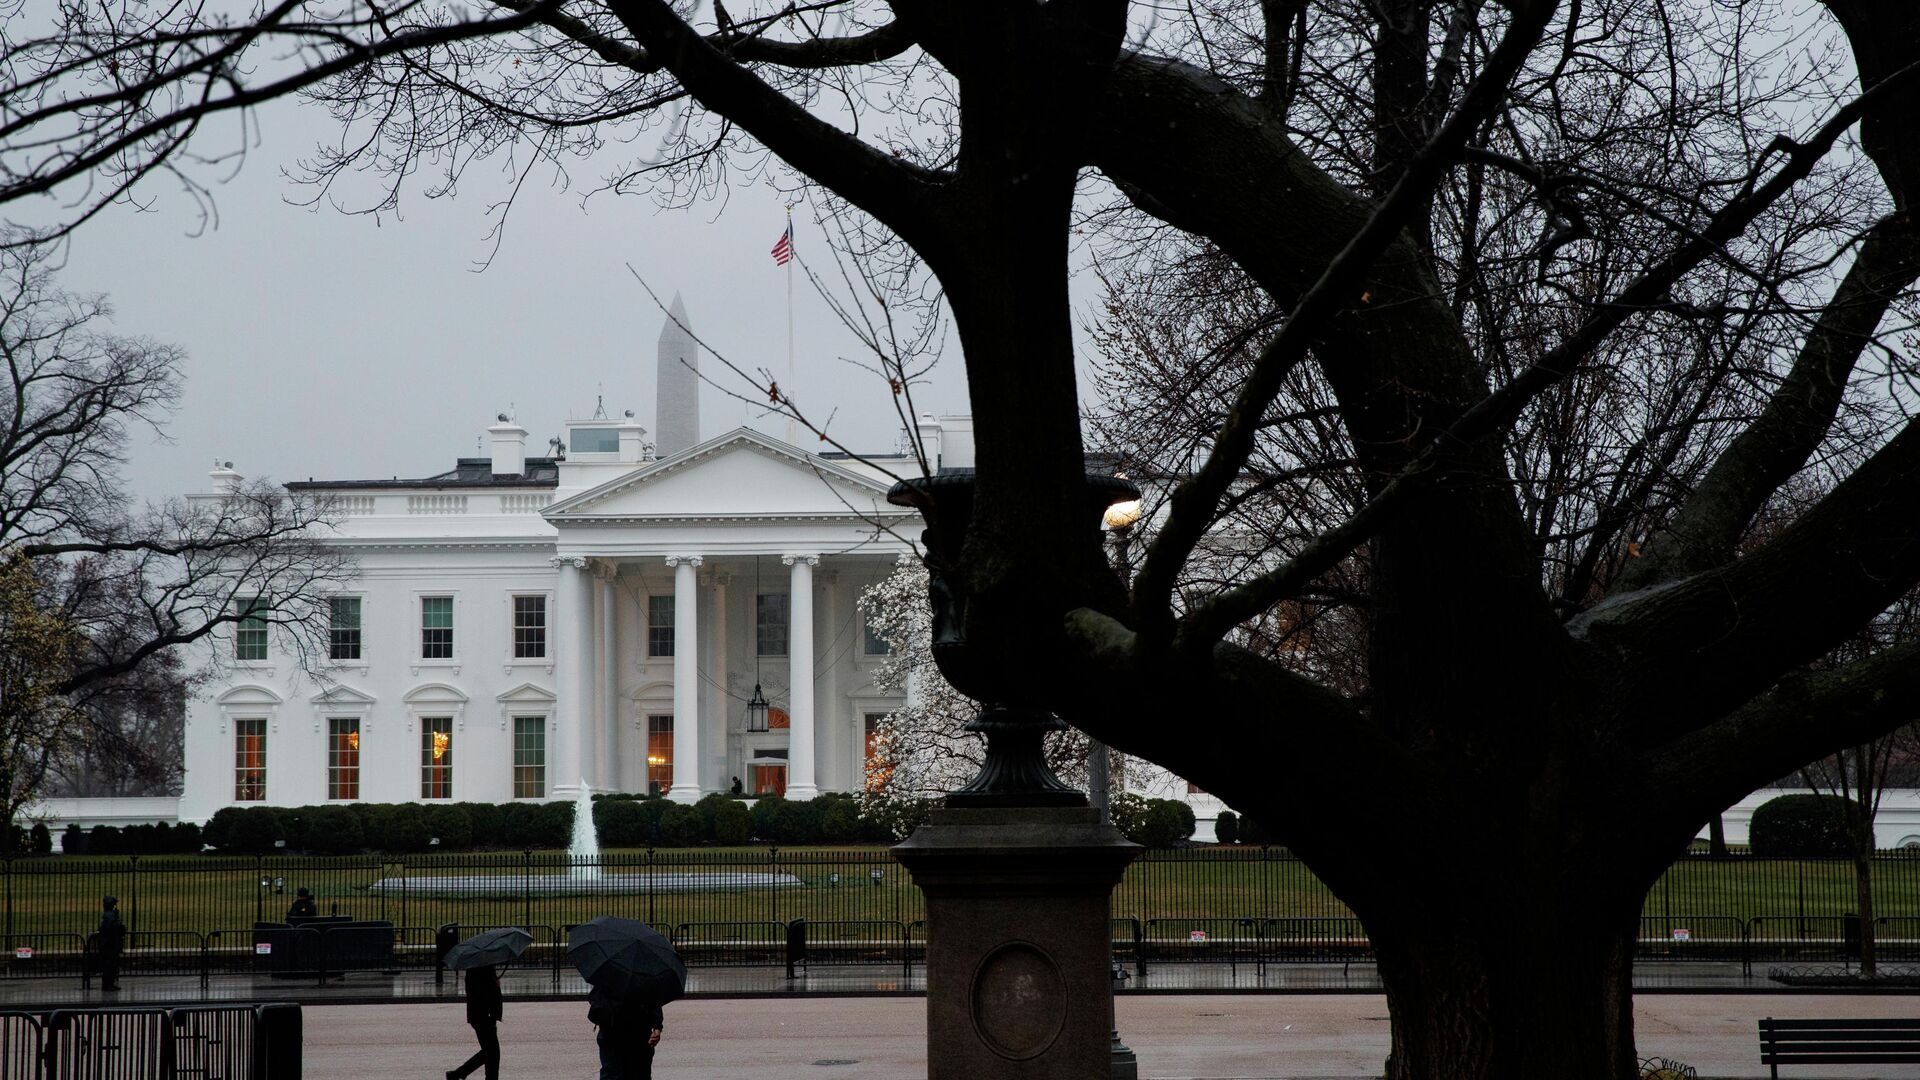 Здание Белого дома в Вашингтоне, США - РИА Новости, 1920, 18.09.2021